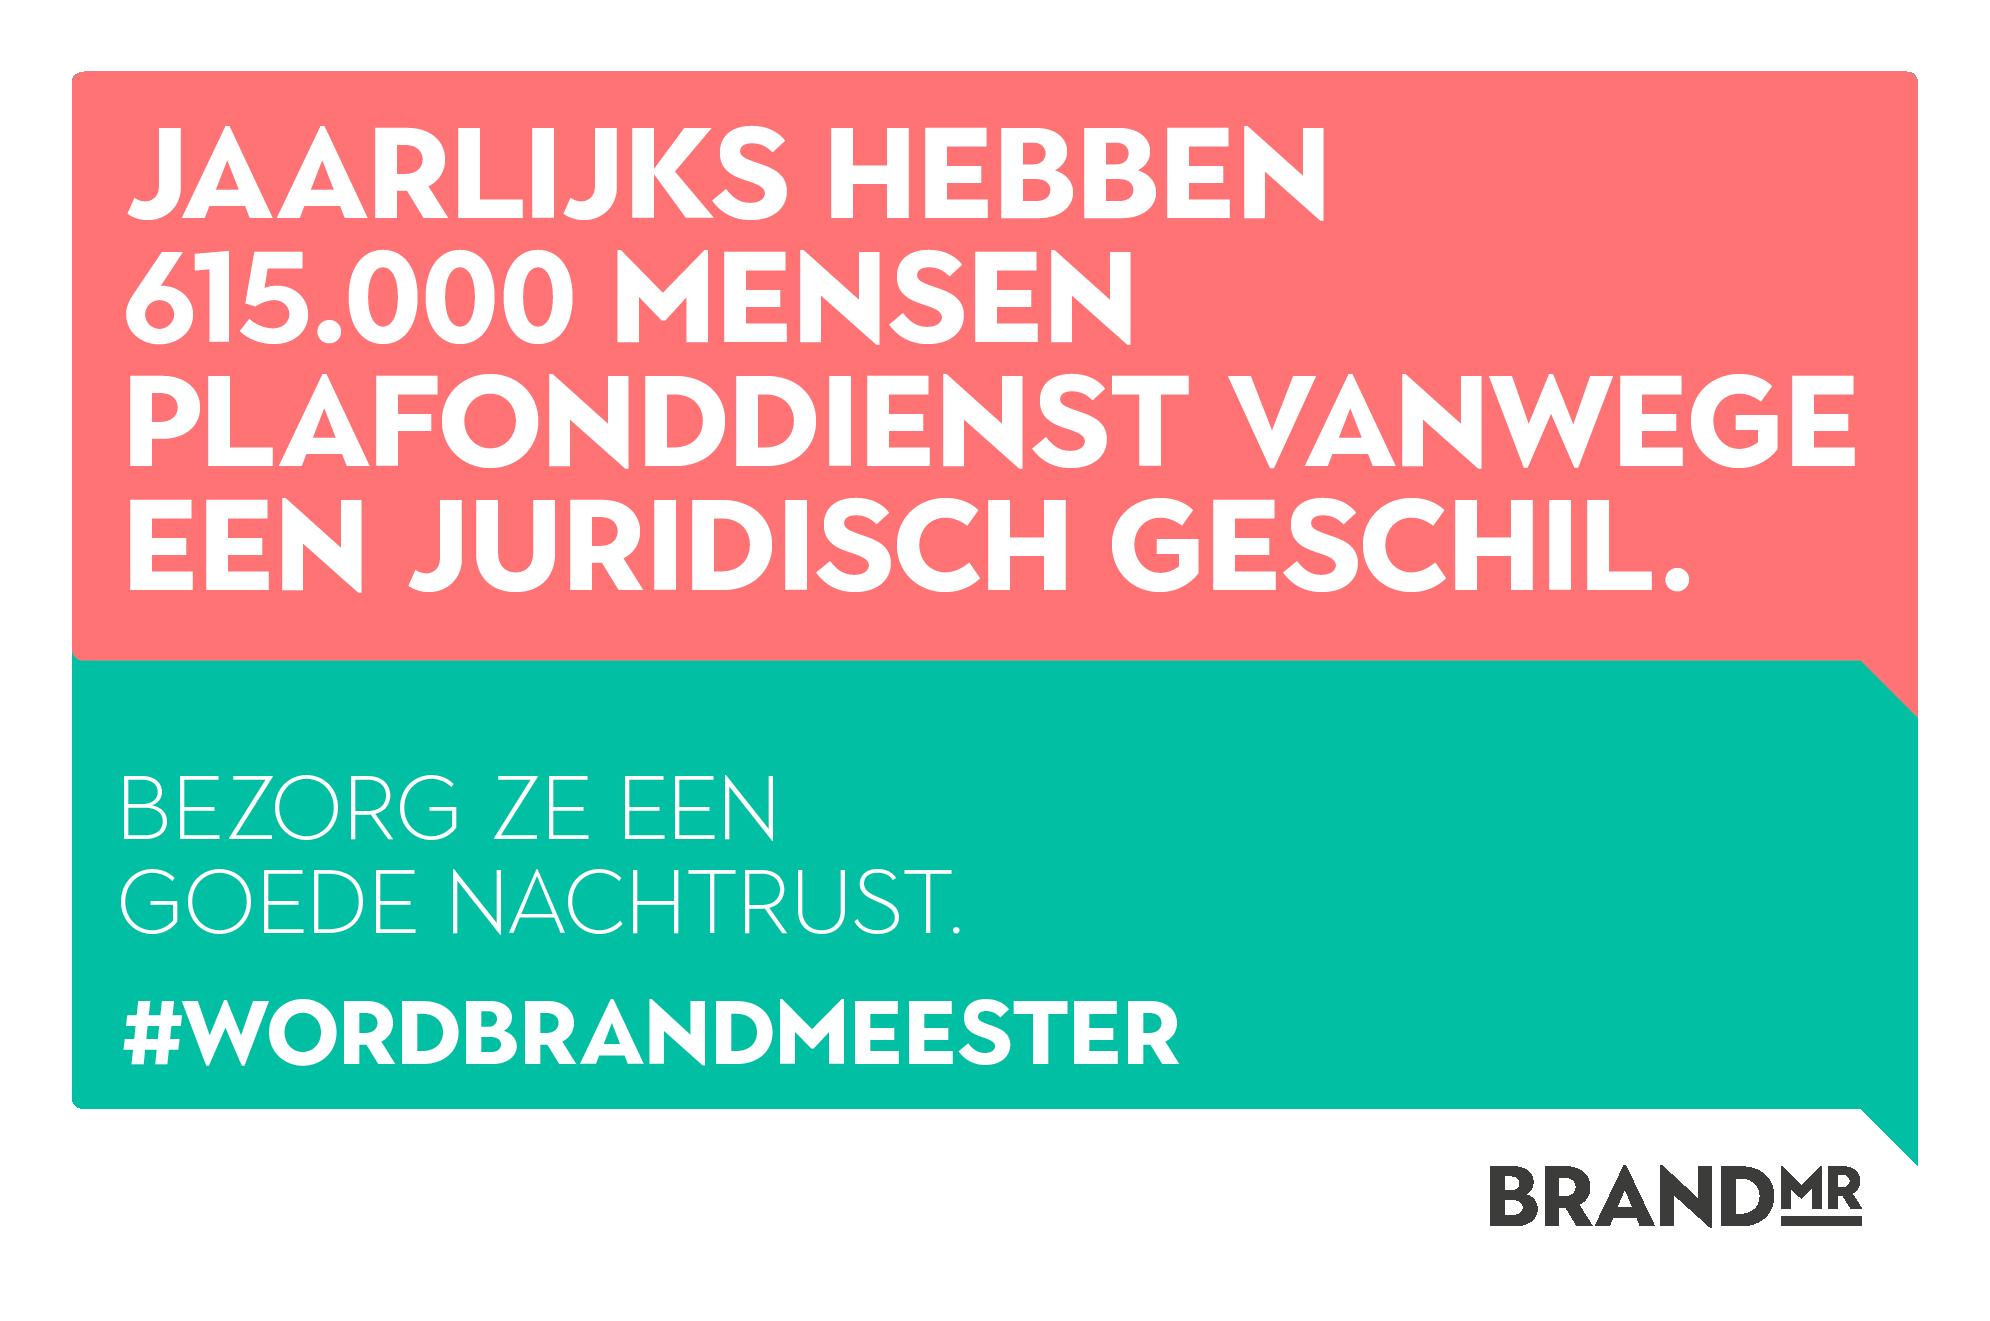 BRA19-006-Plafonddienst_poster